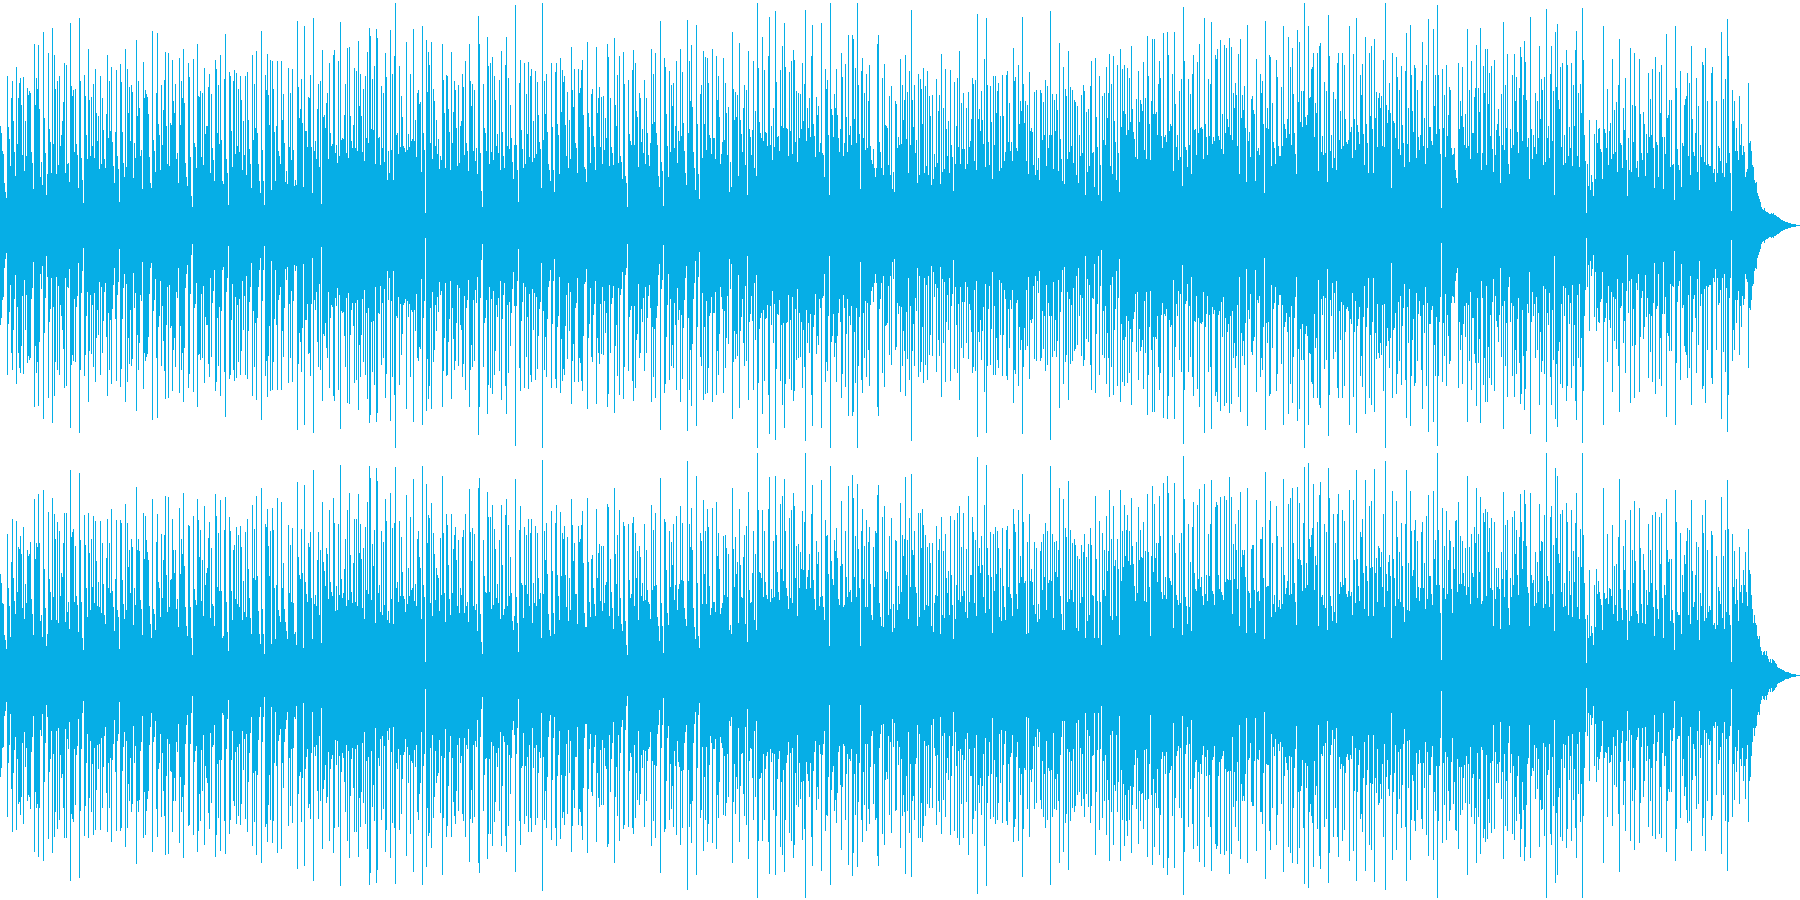 アコギ ポップス わくわく 爽やか 映像の再生済みの波形